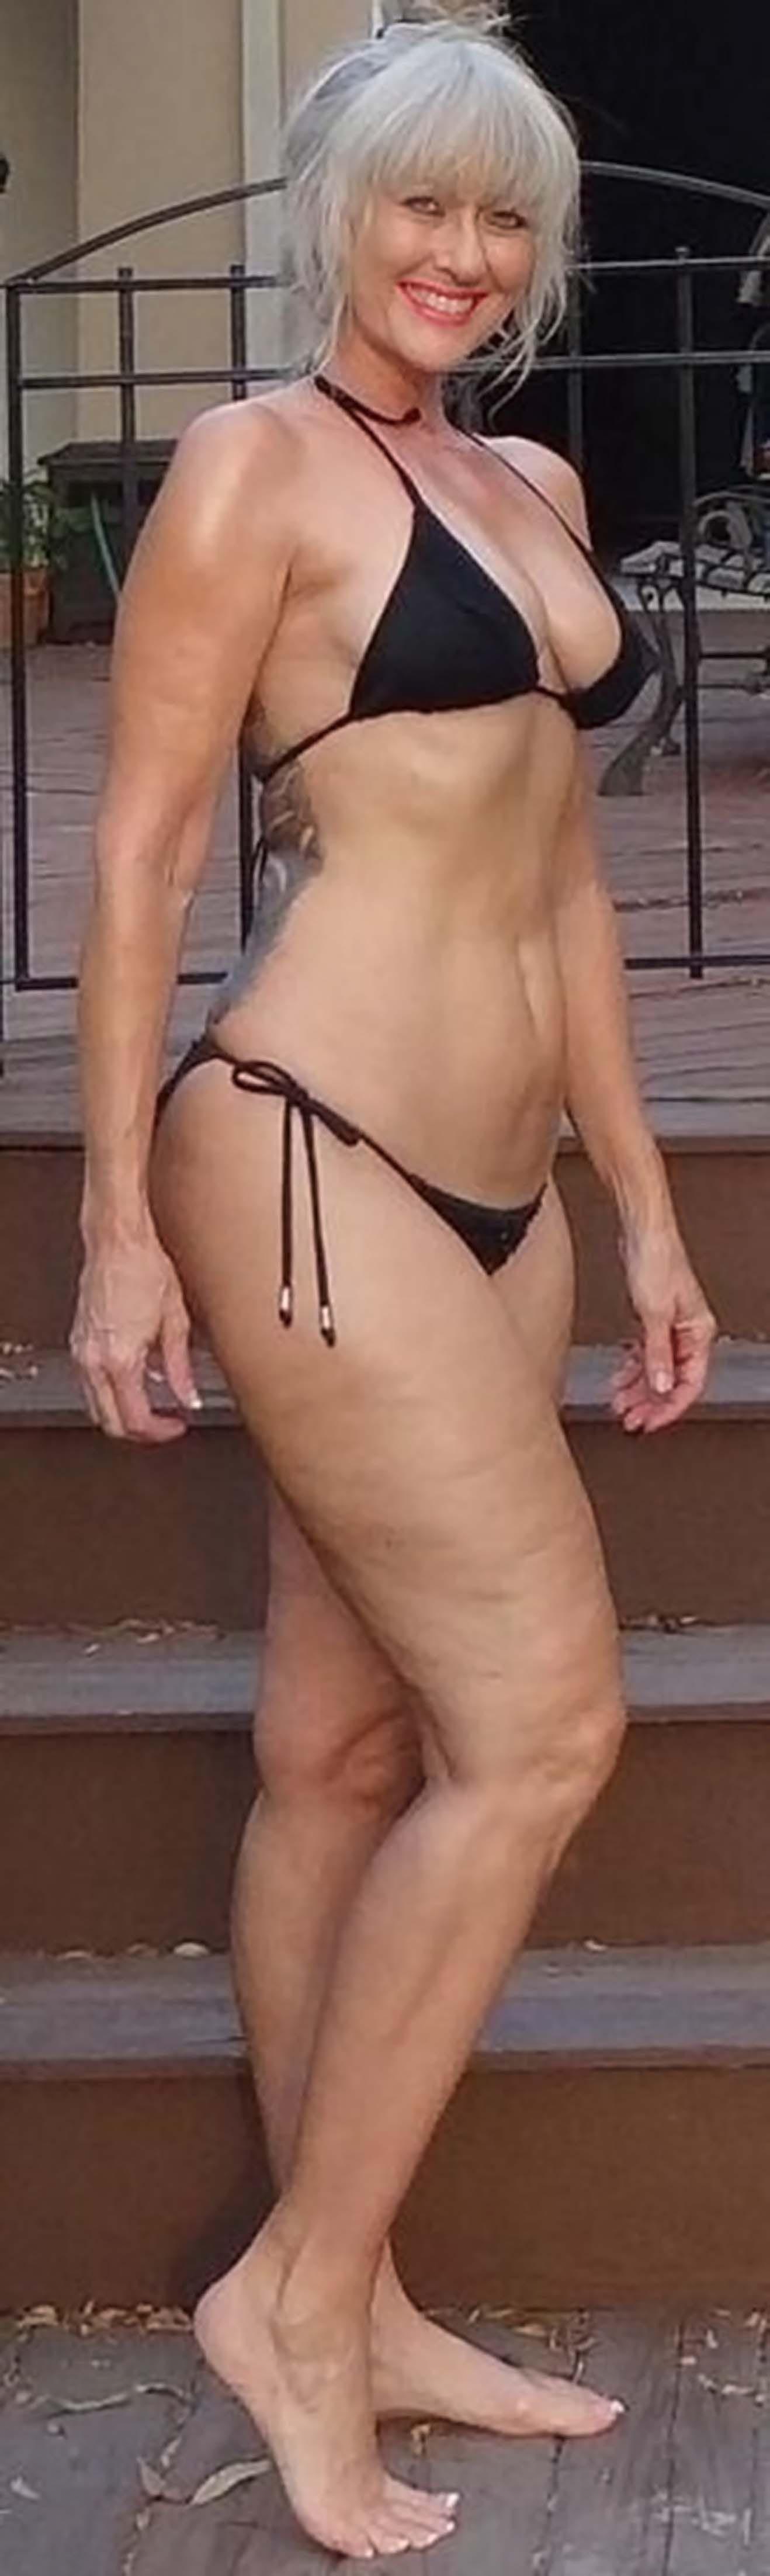 Milf sexylady photo, free shemale hardcore sex